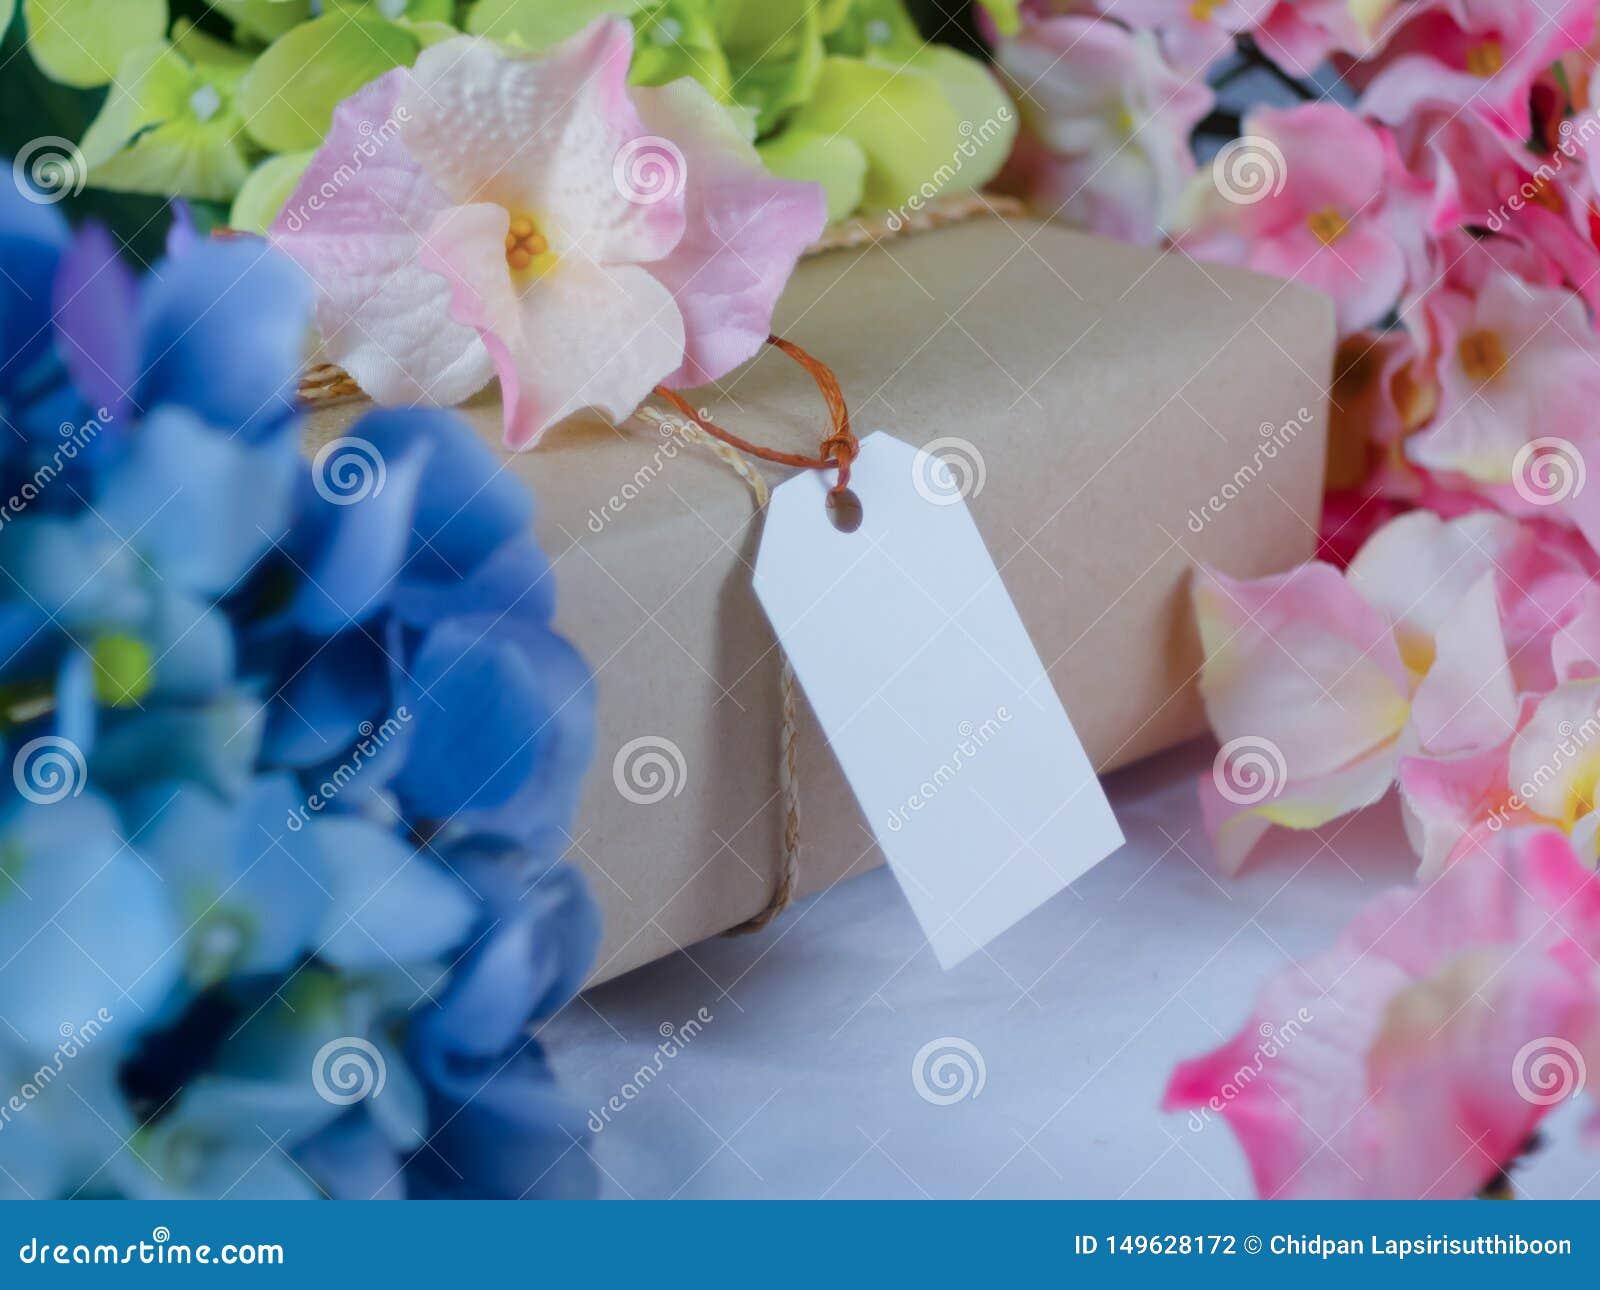 Caja de regalo de Brown con las etiquetas de papel en blanco y colocada en medio de las flores azules y rosadas